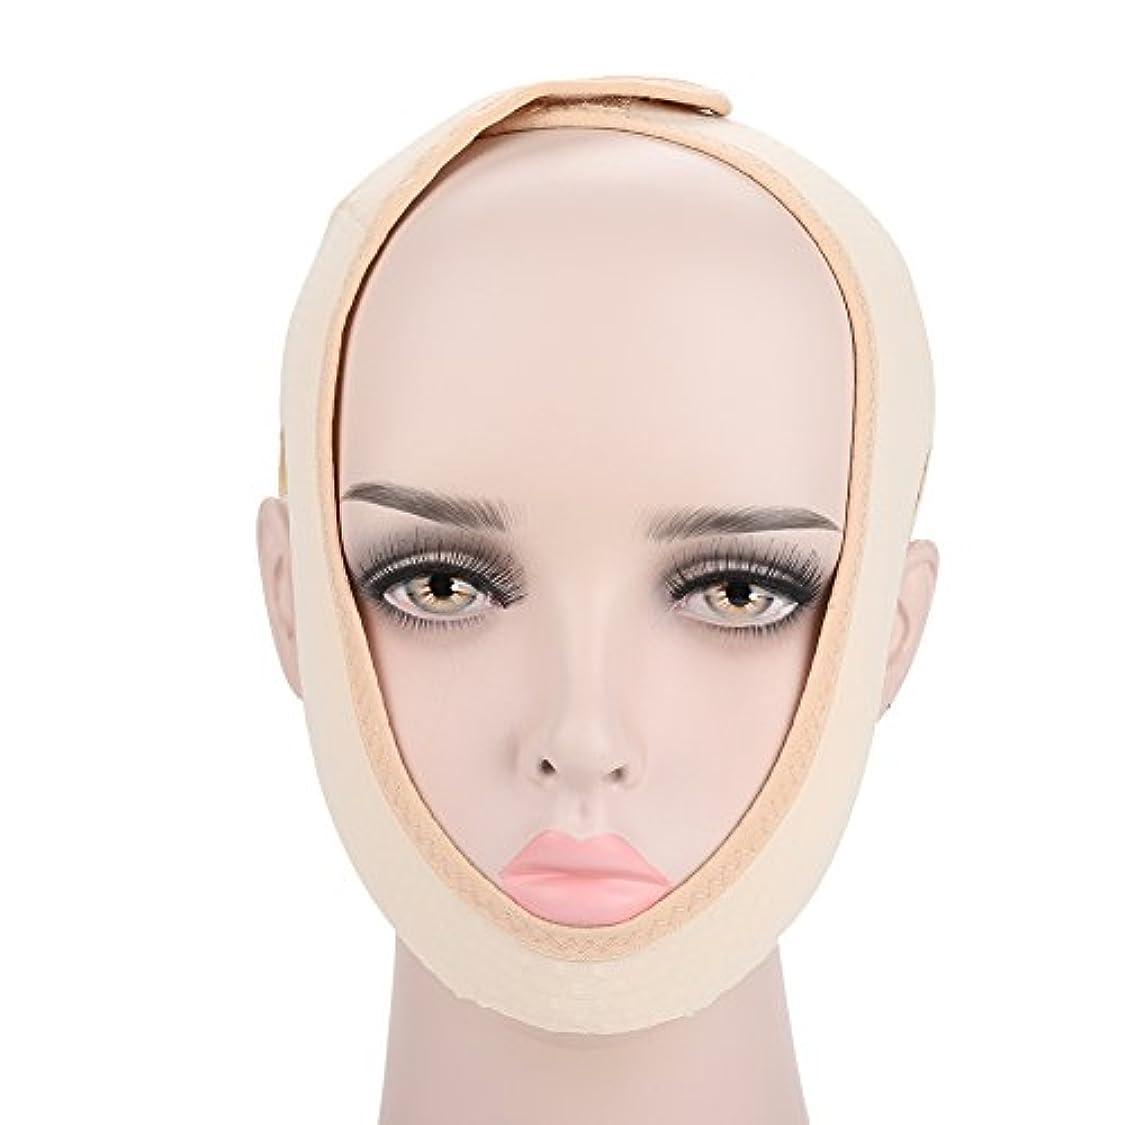 顔の輪郭を改善するための顔の痩身マスク、通気性と伸縮性、二重あごを和らげ、顔の手術とリハビリ